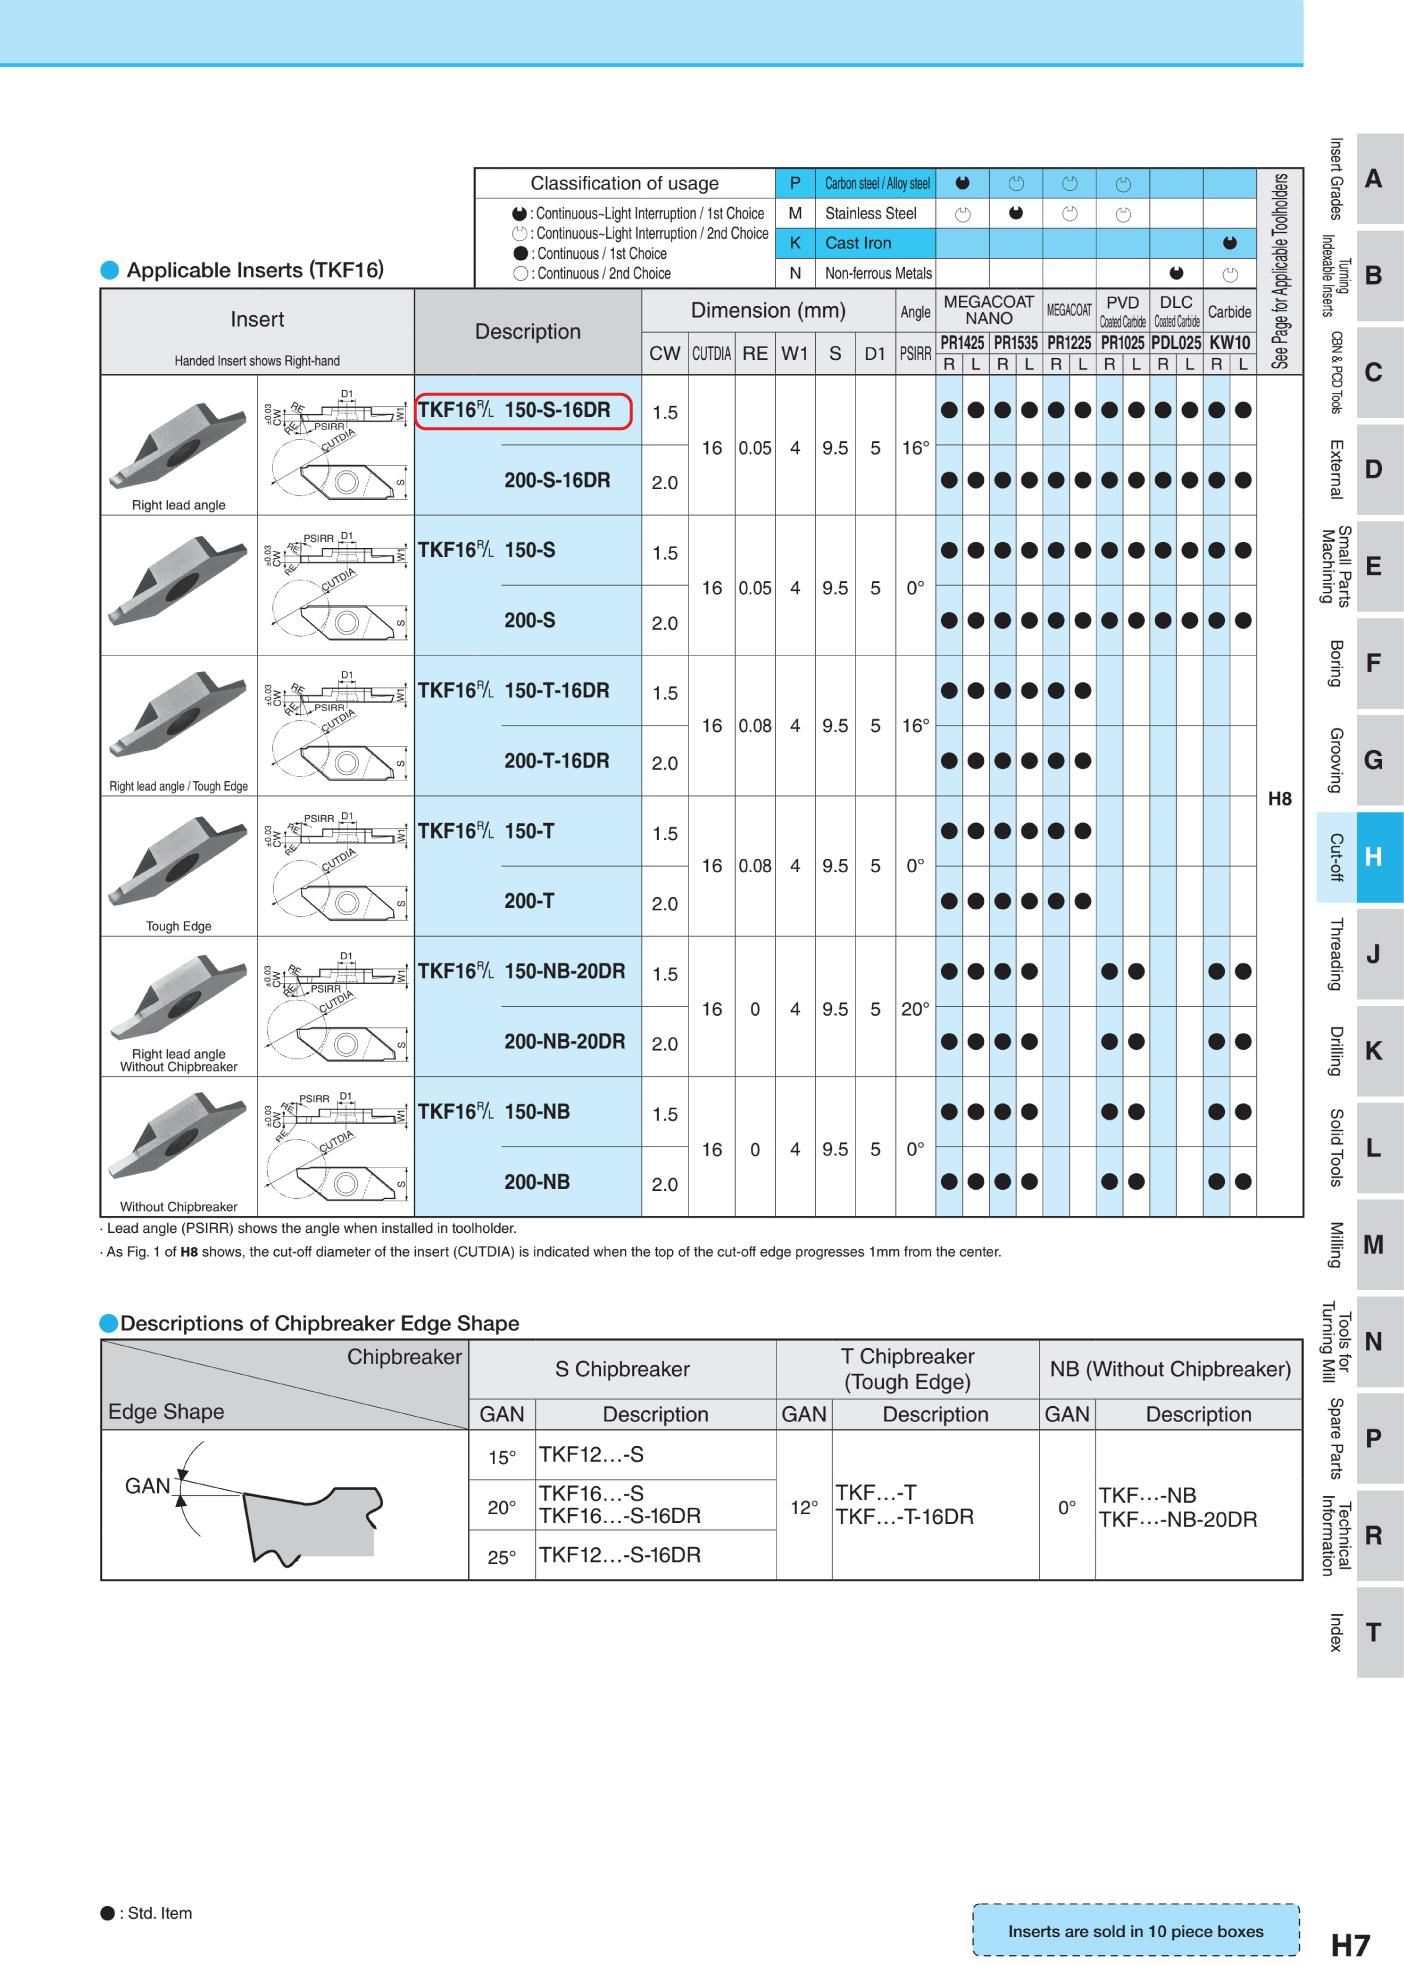 MẢNH DAO TIỆN CẮT ĐỨT KYOCERA TKF12R150-S-16DR (PR1535) 2